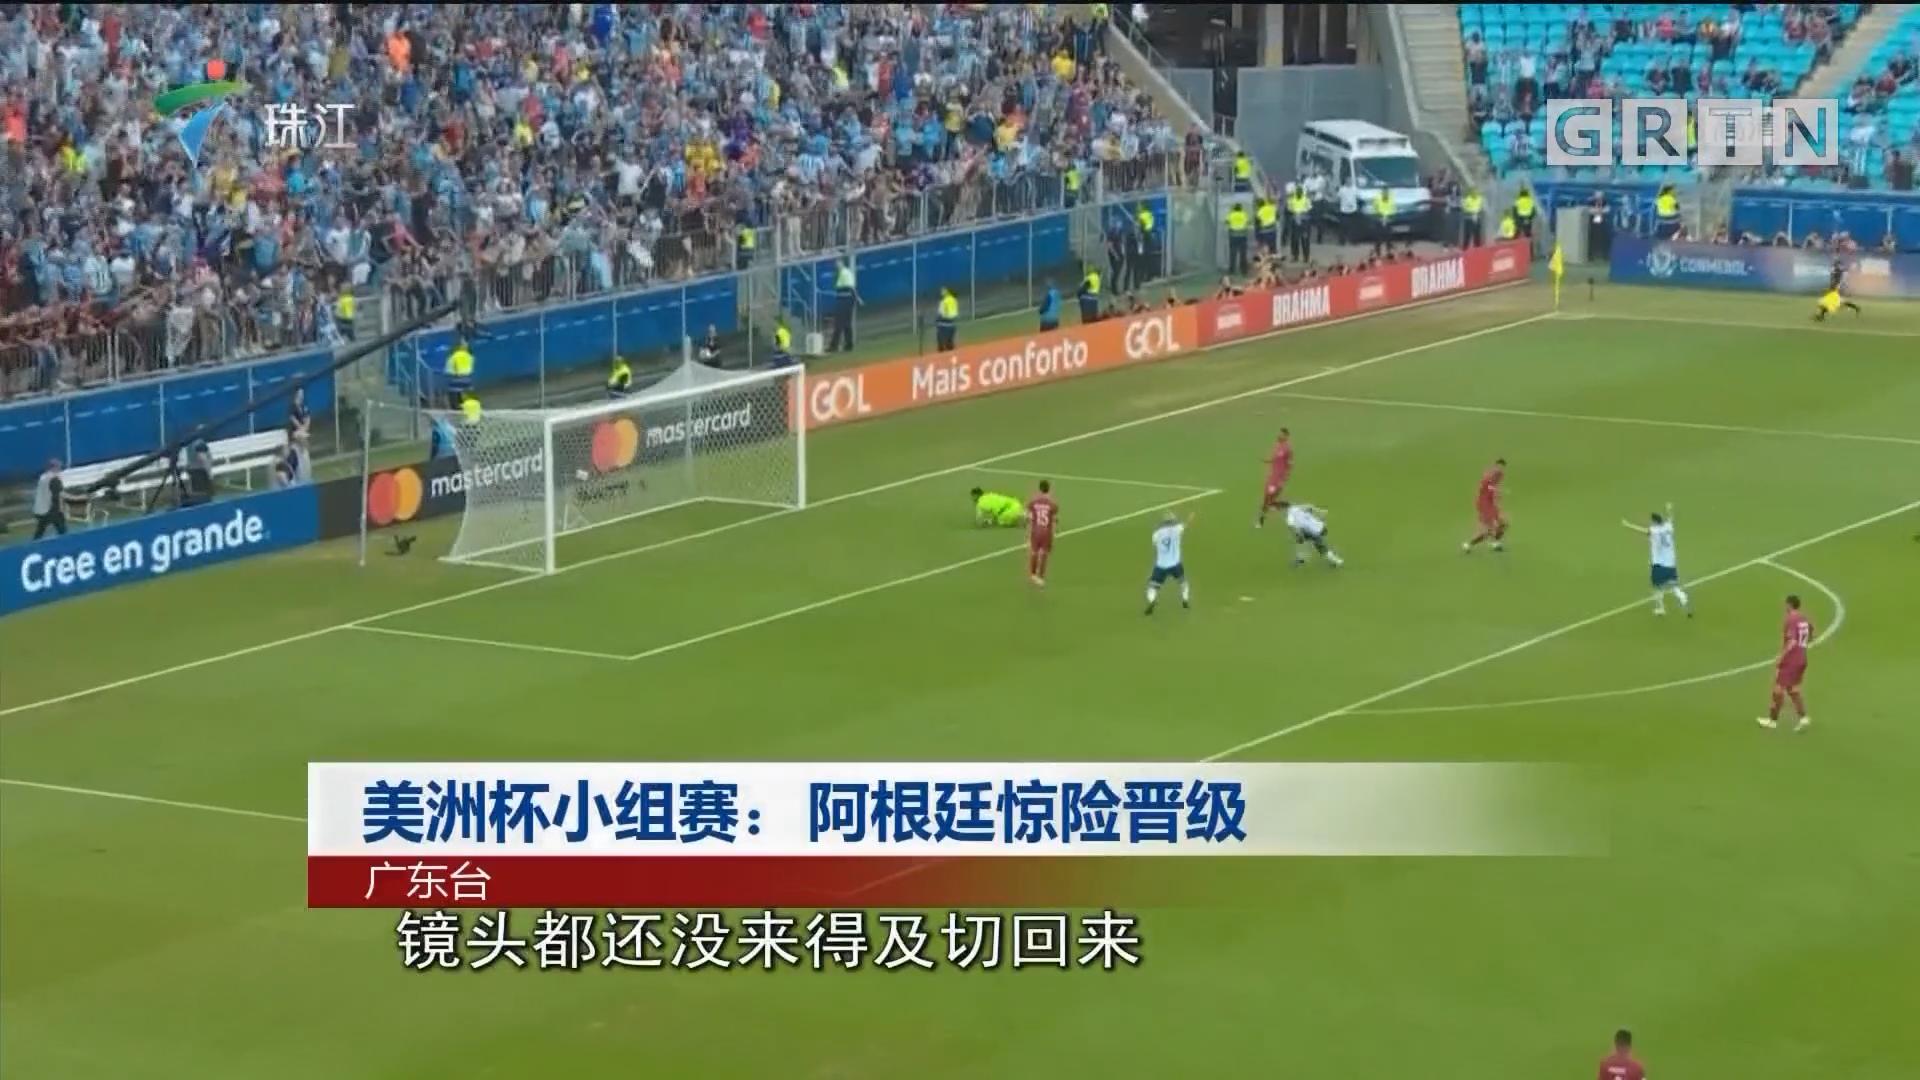 美洲杯小组赛:阿根廷惊险晋级